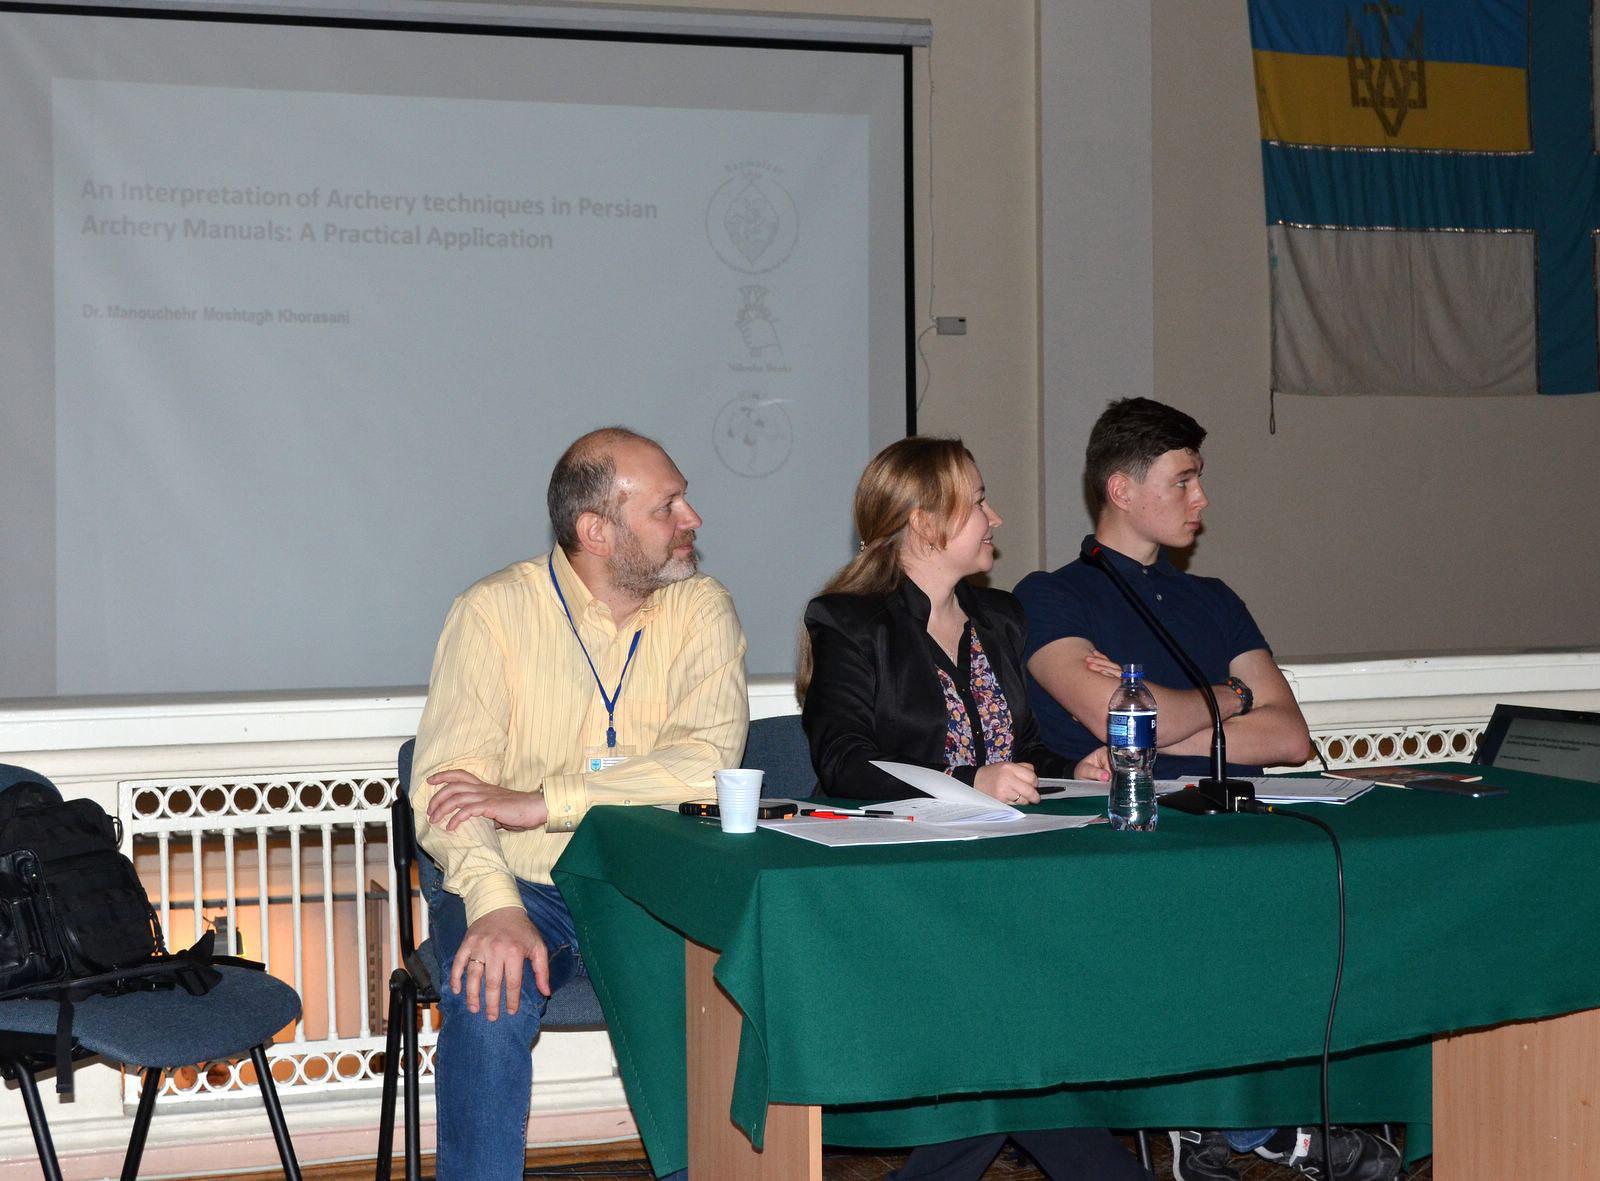 Організатор і ведучий конференції, к.і.н., Денис Тоїчкін (ліворуч).